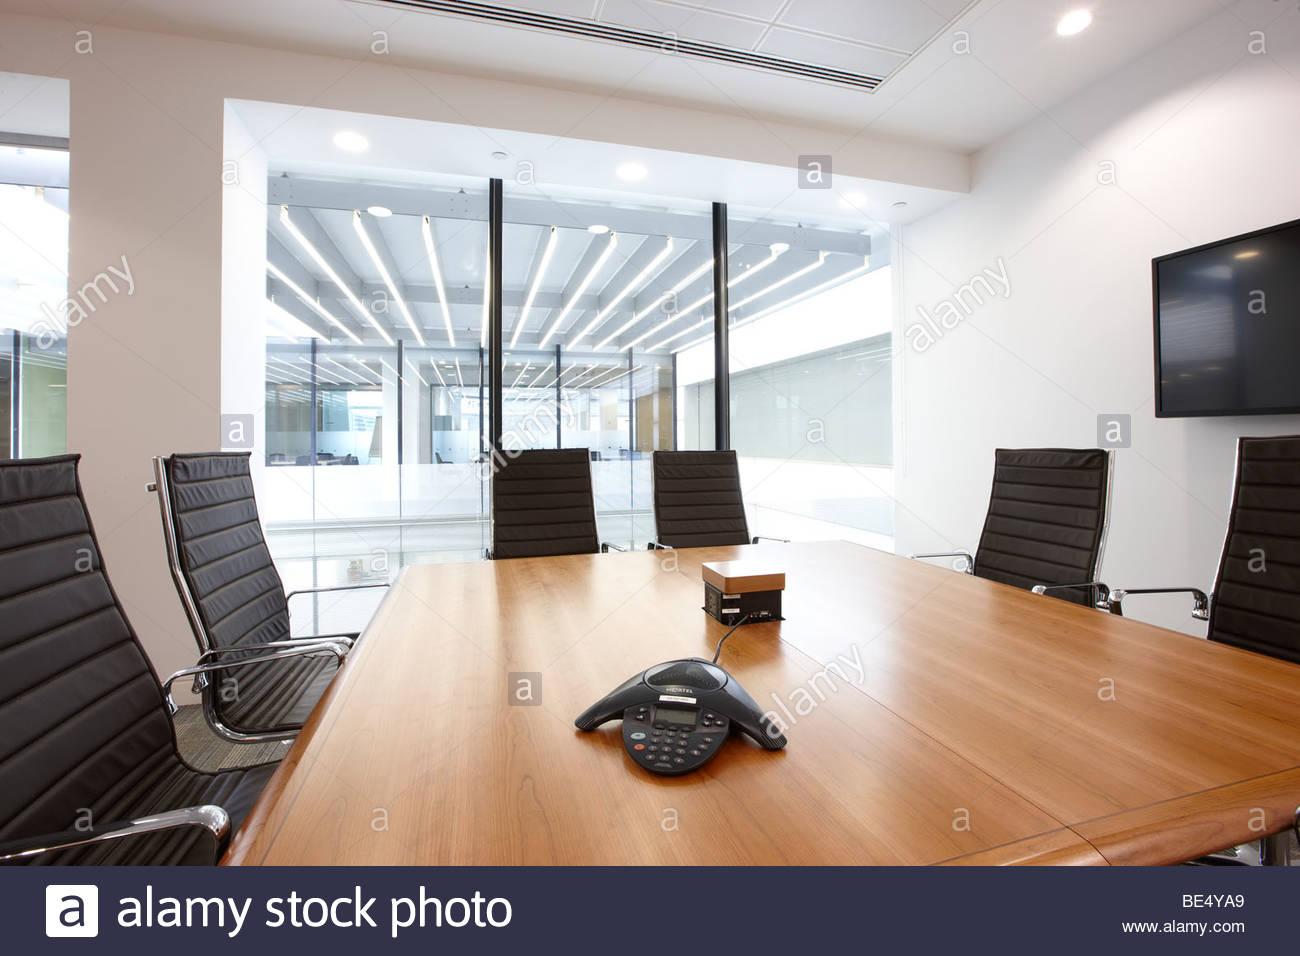 Executive-Konferenz Zimmer schwarz Leder Stühle Glas Holz Schreibtisch Stadt london Stockbild